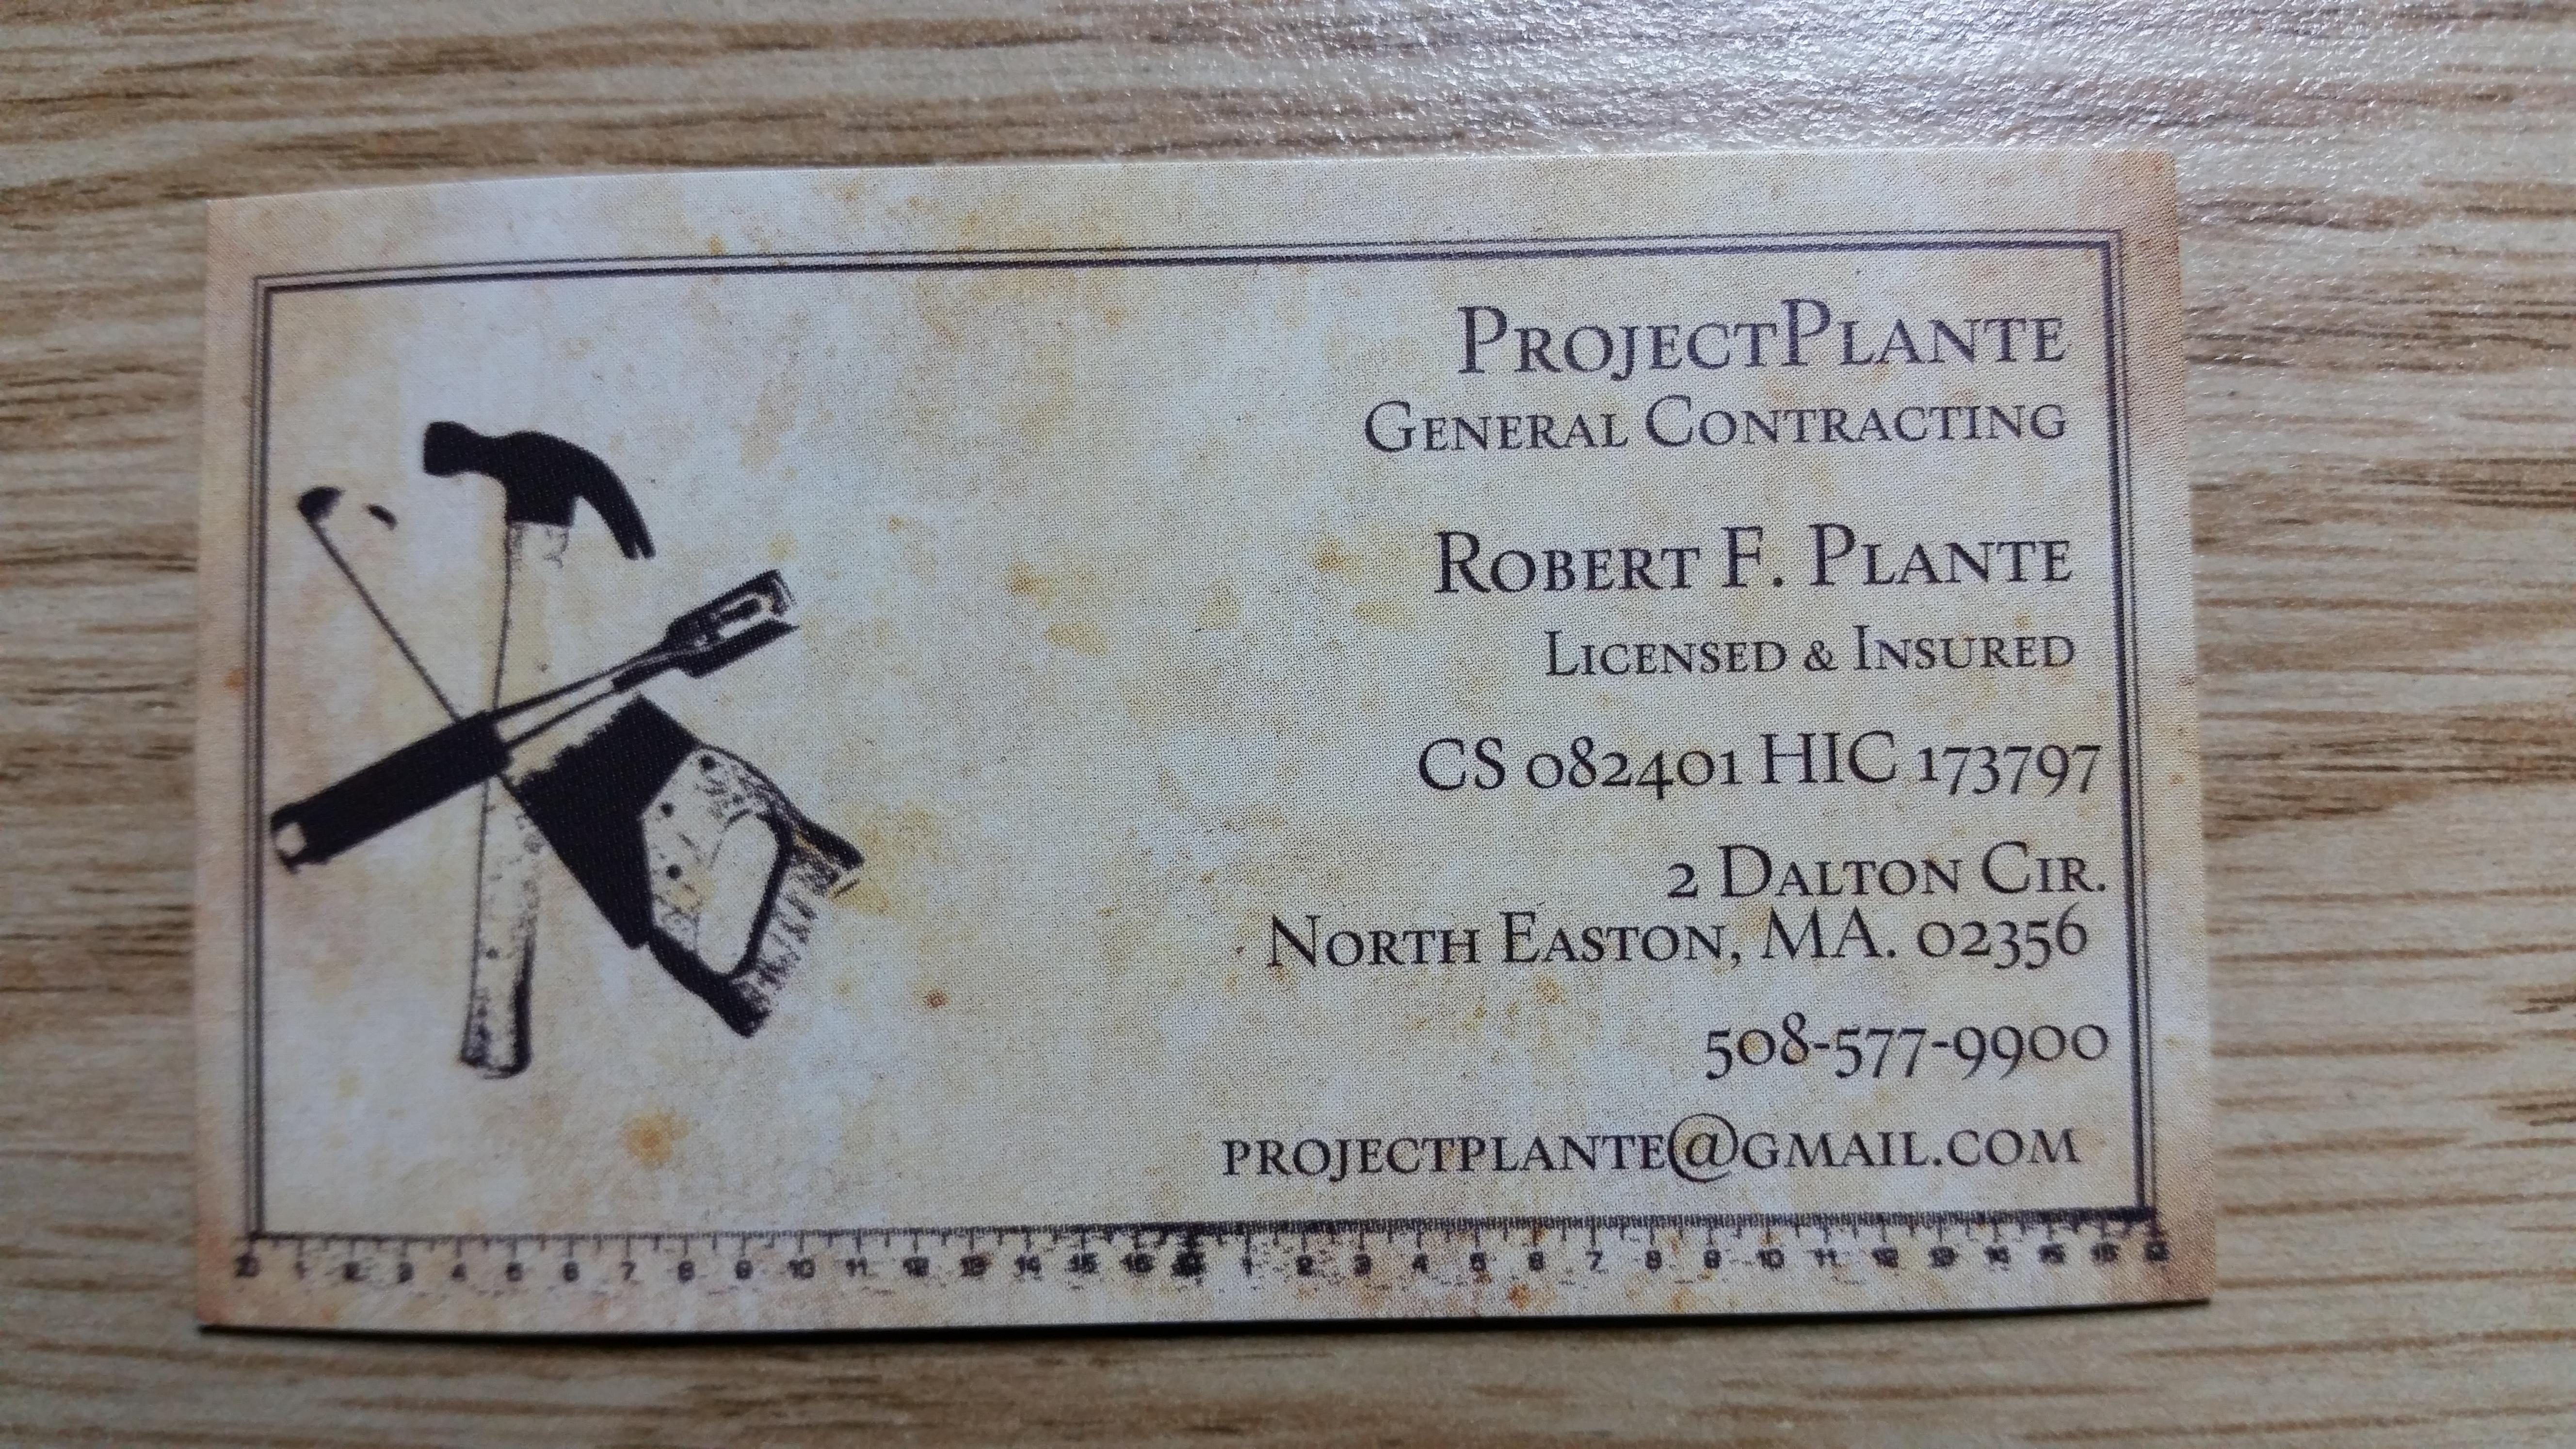 ProjectPlante